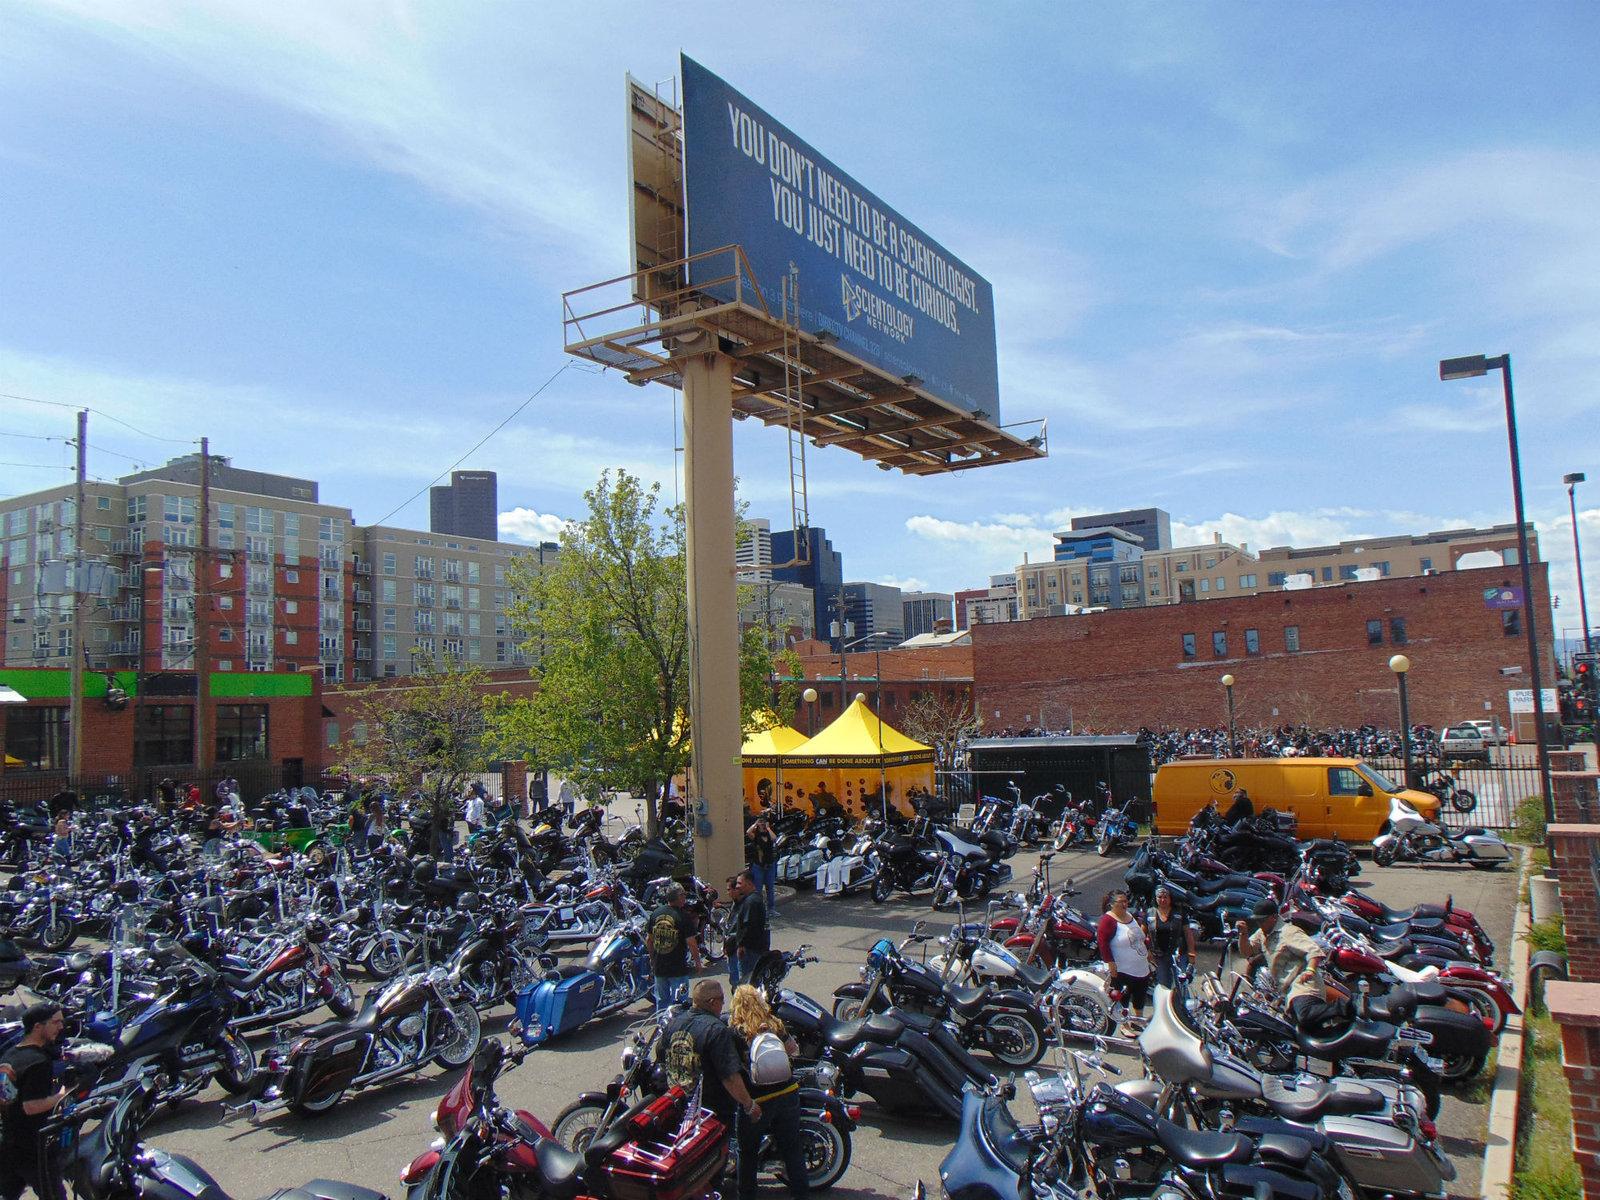 L'Eglise de Scientologie soutient les motards de la Fondation latino-américaine pour l'éducation